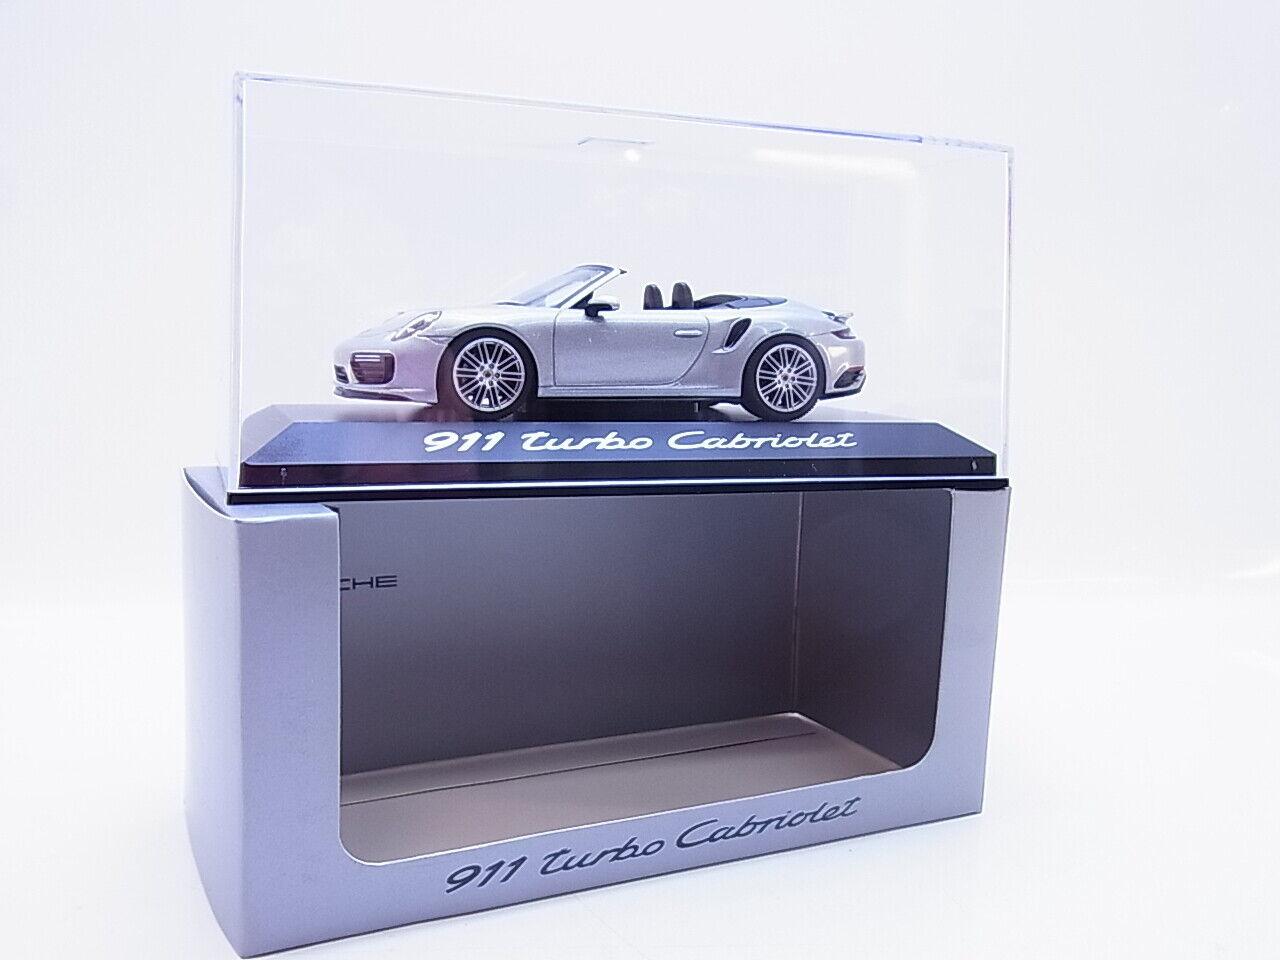 55327 Herpa Porsche 911 turbo Cabriolet Modellauto Typ 991 silver 1 43 NEU OVP